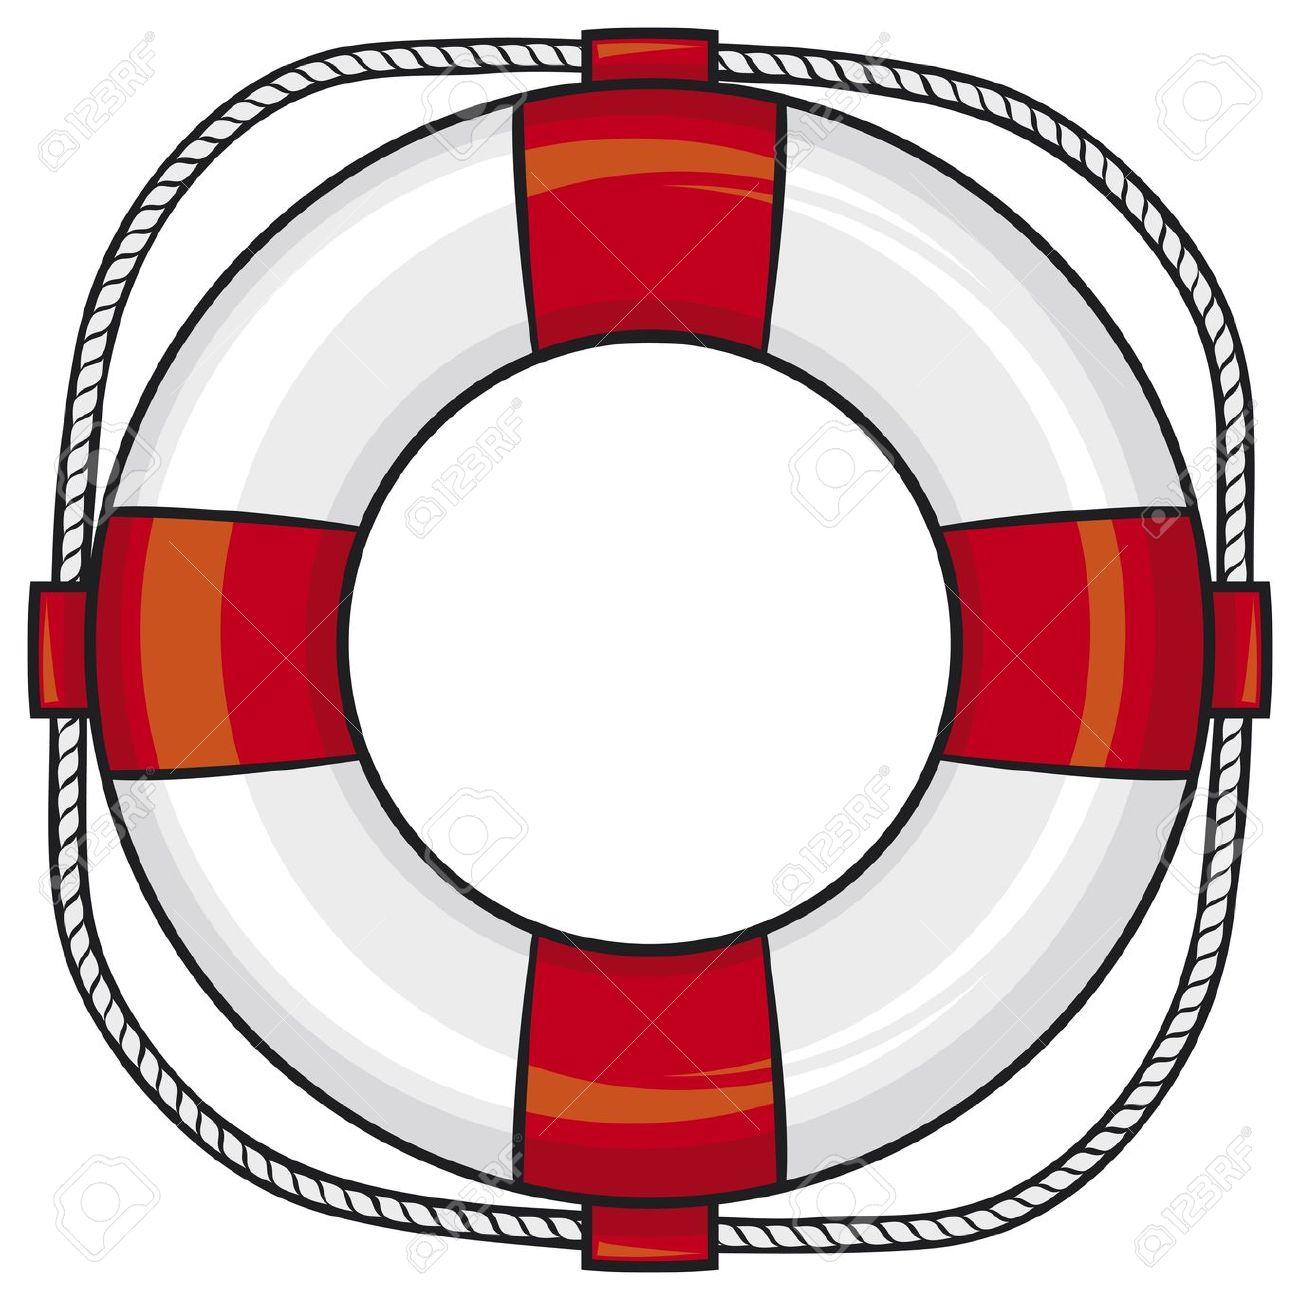 Life buoy clipart.